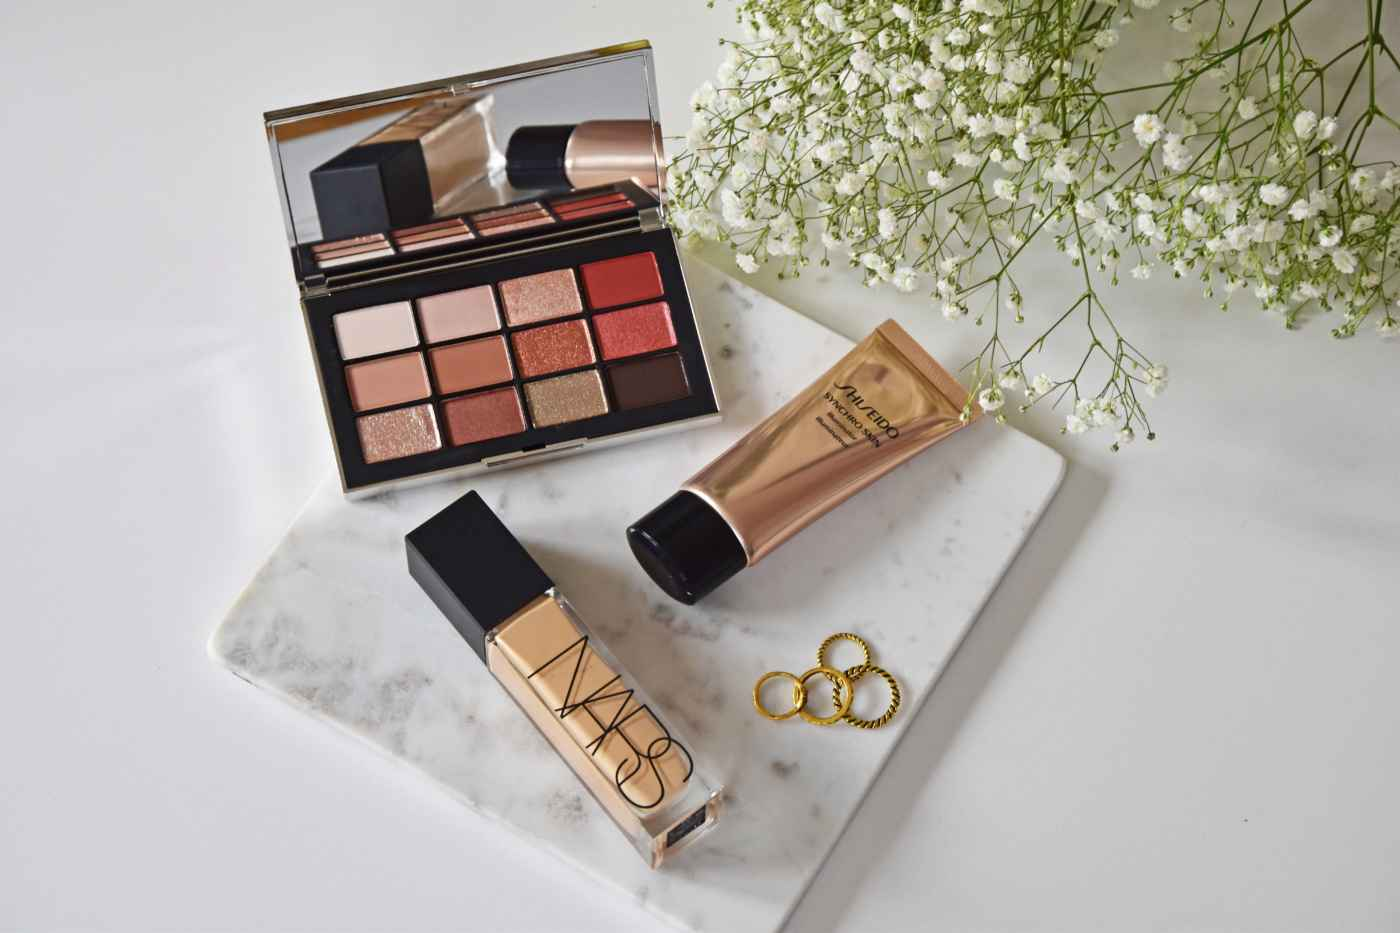 NARS Shiseido Makeup News